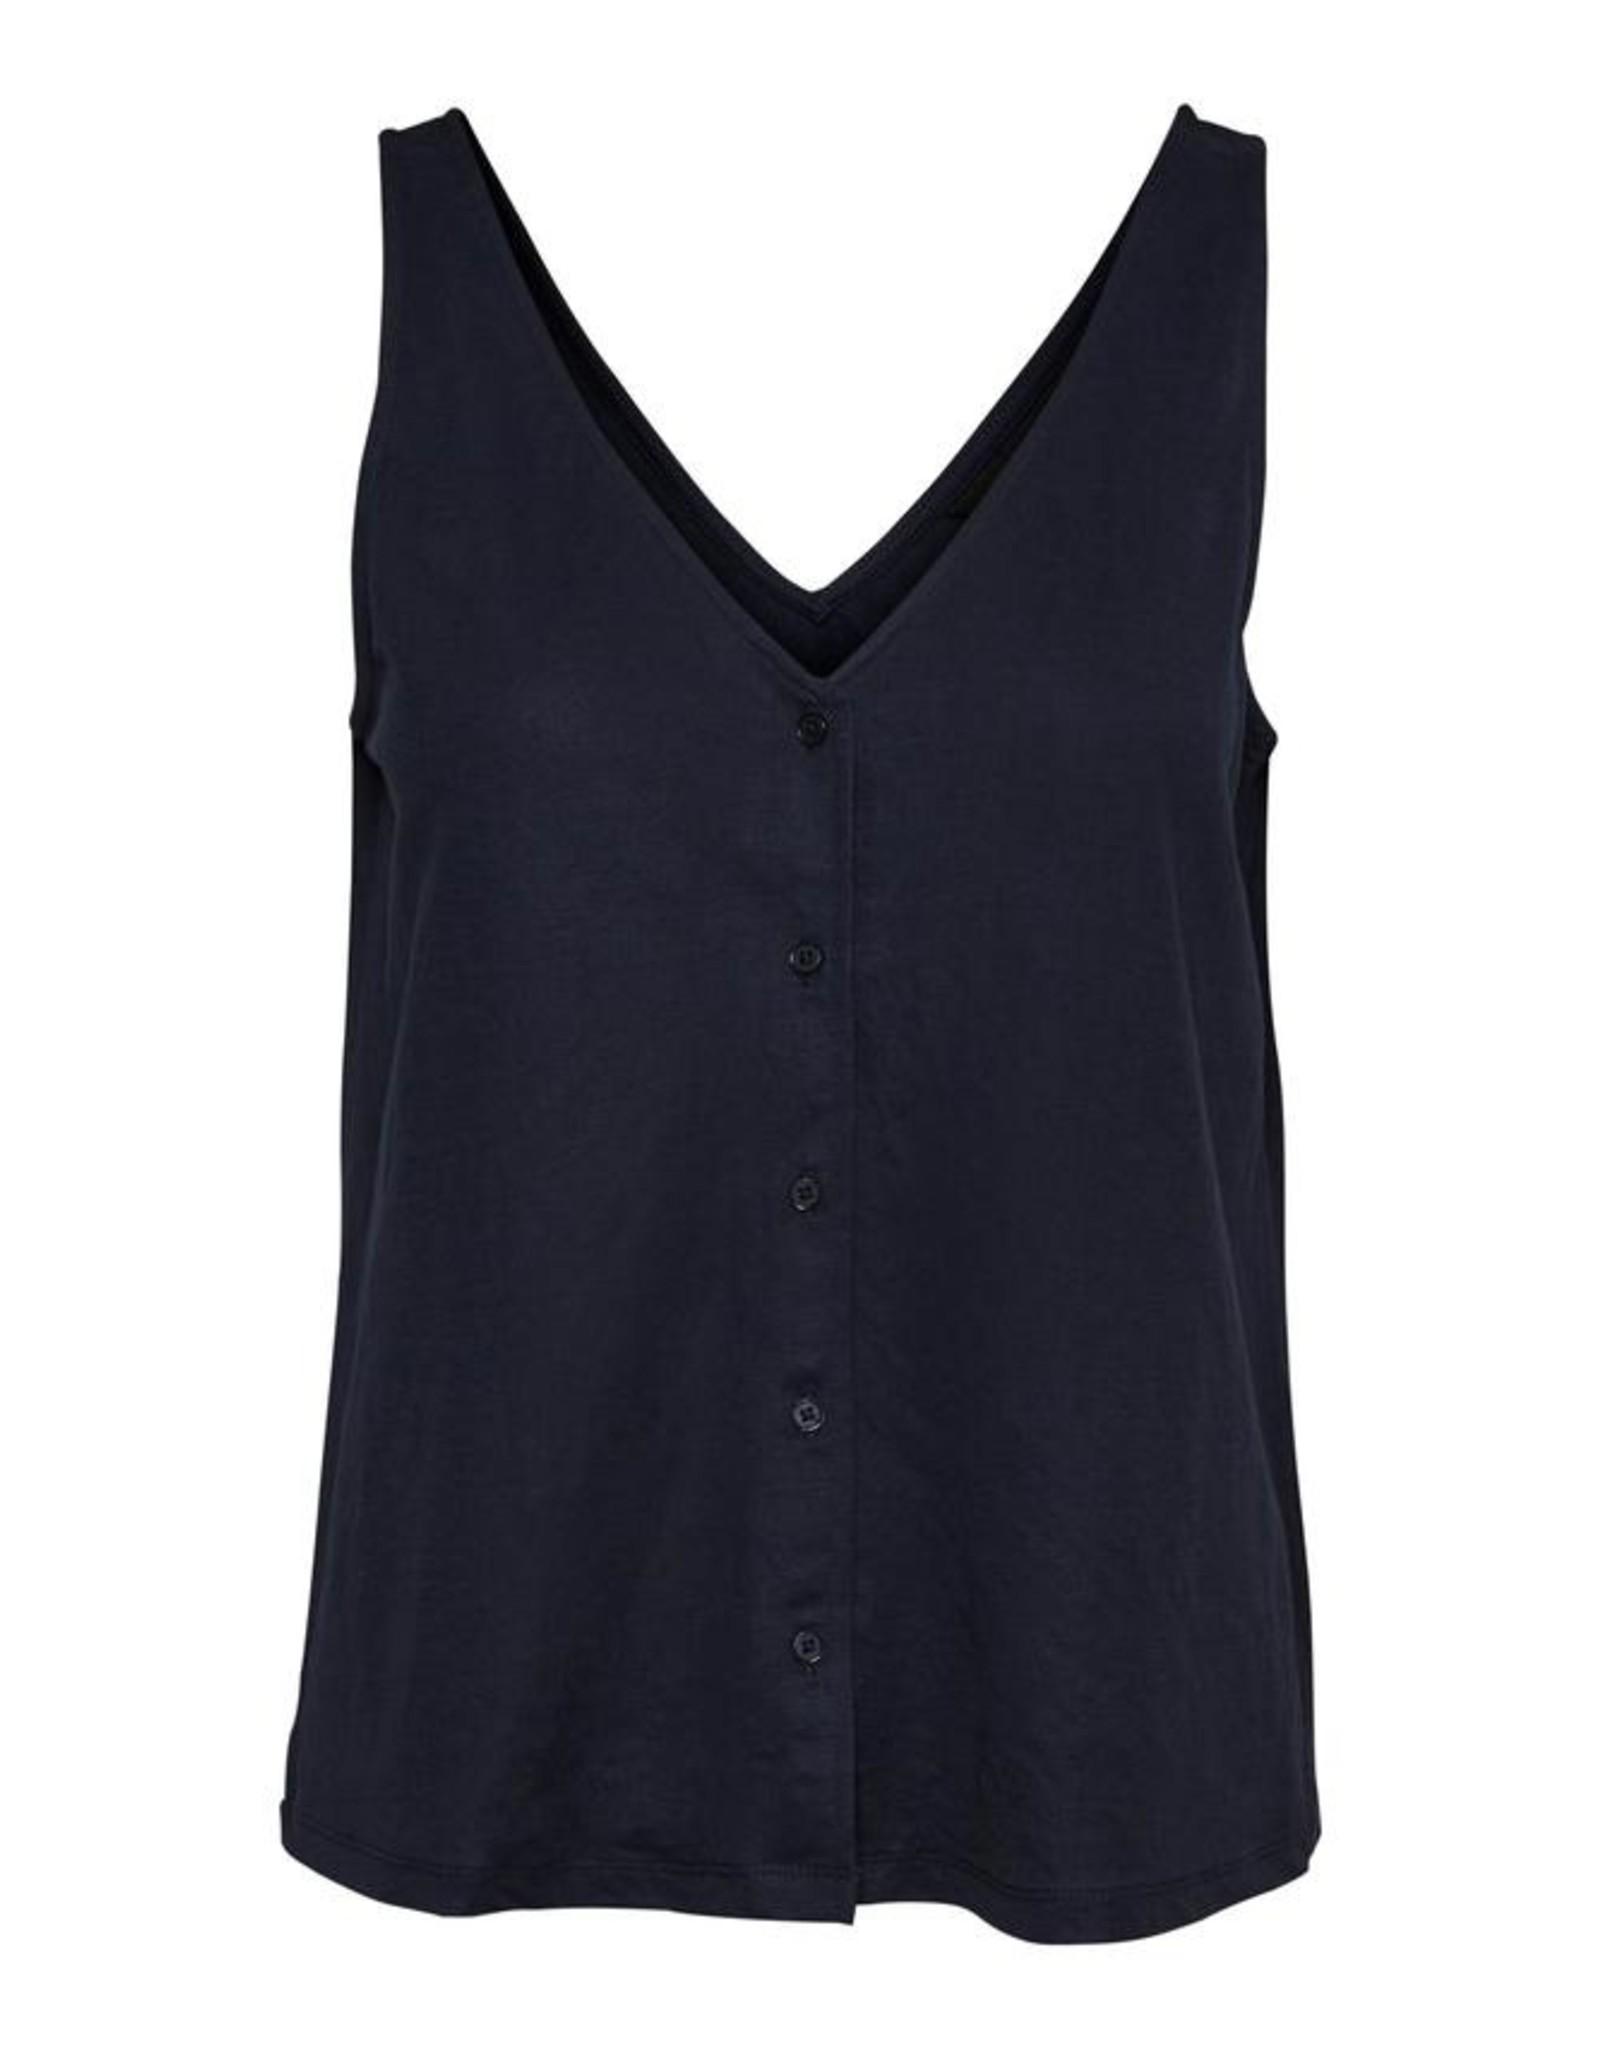 Vero Moda - Gaelle Top (3 Colour options)